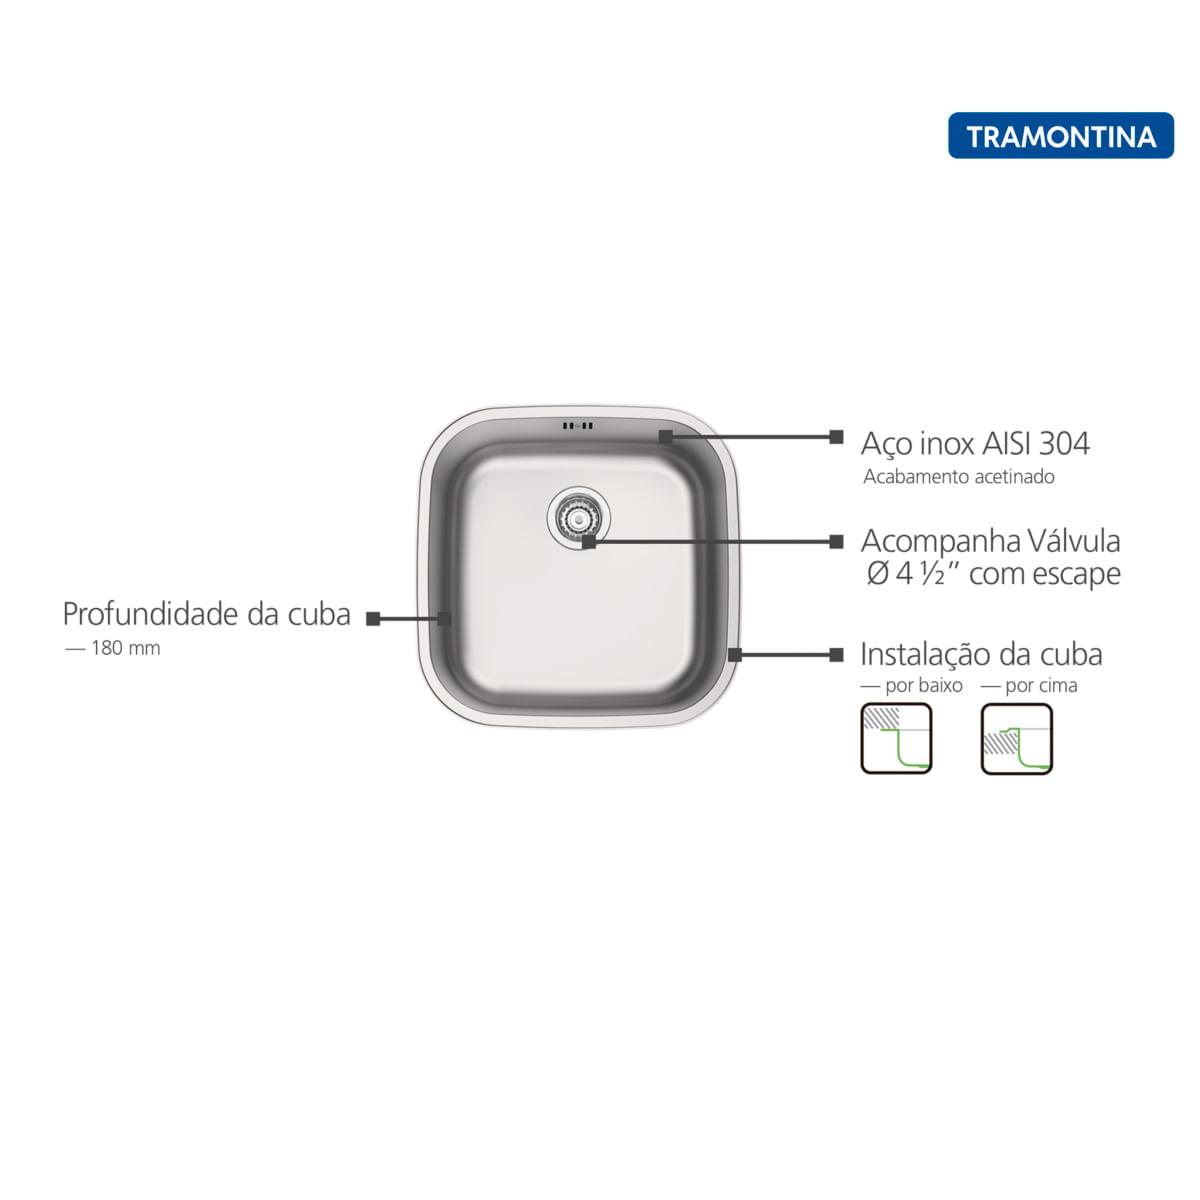 Cuba Tramontina Aria Maxi 40 BS Prime em Aço Inox Acetinado 40 x 40 x 20 cm com Válvula e Escape